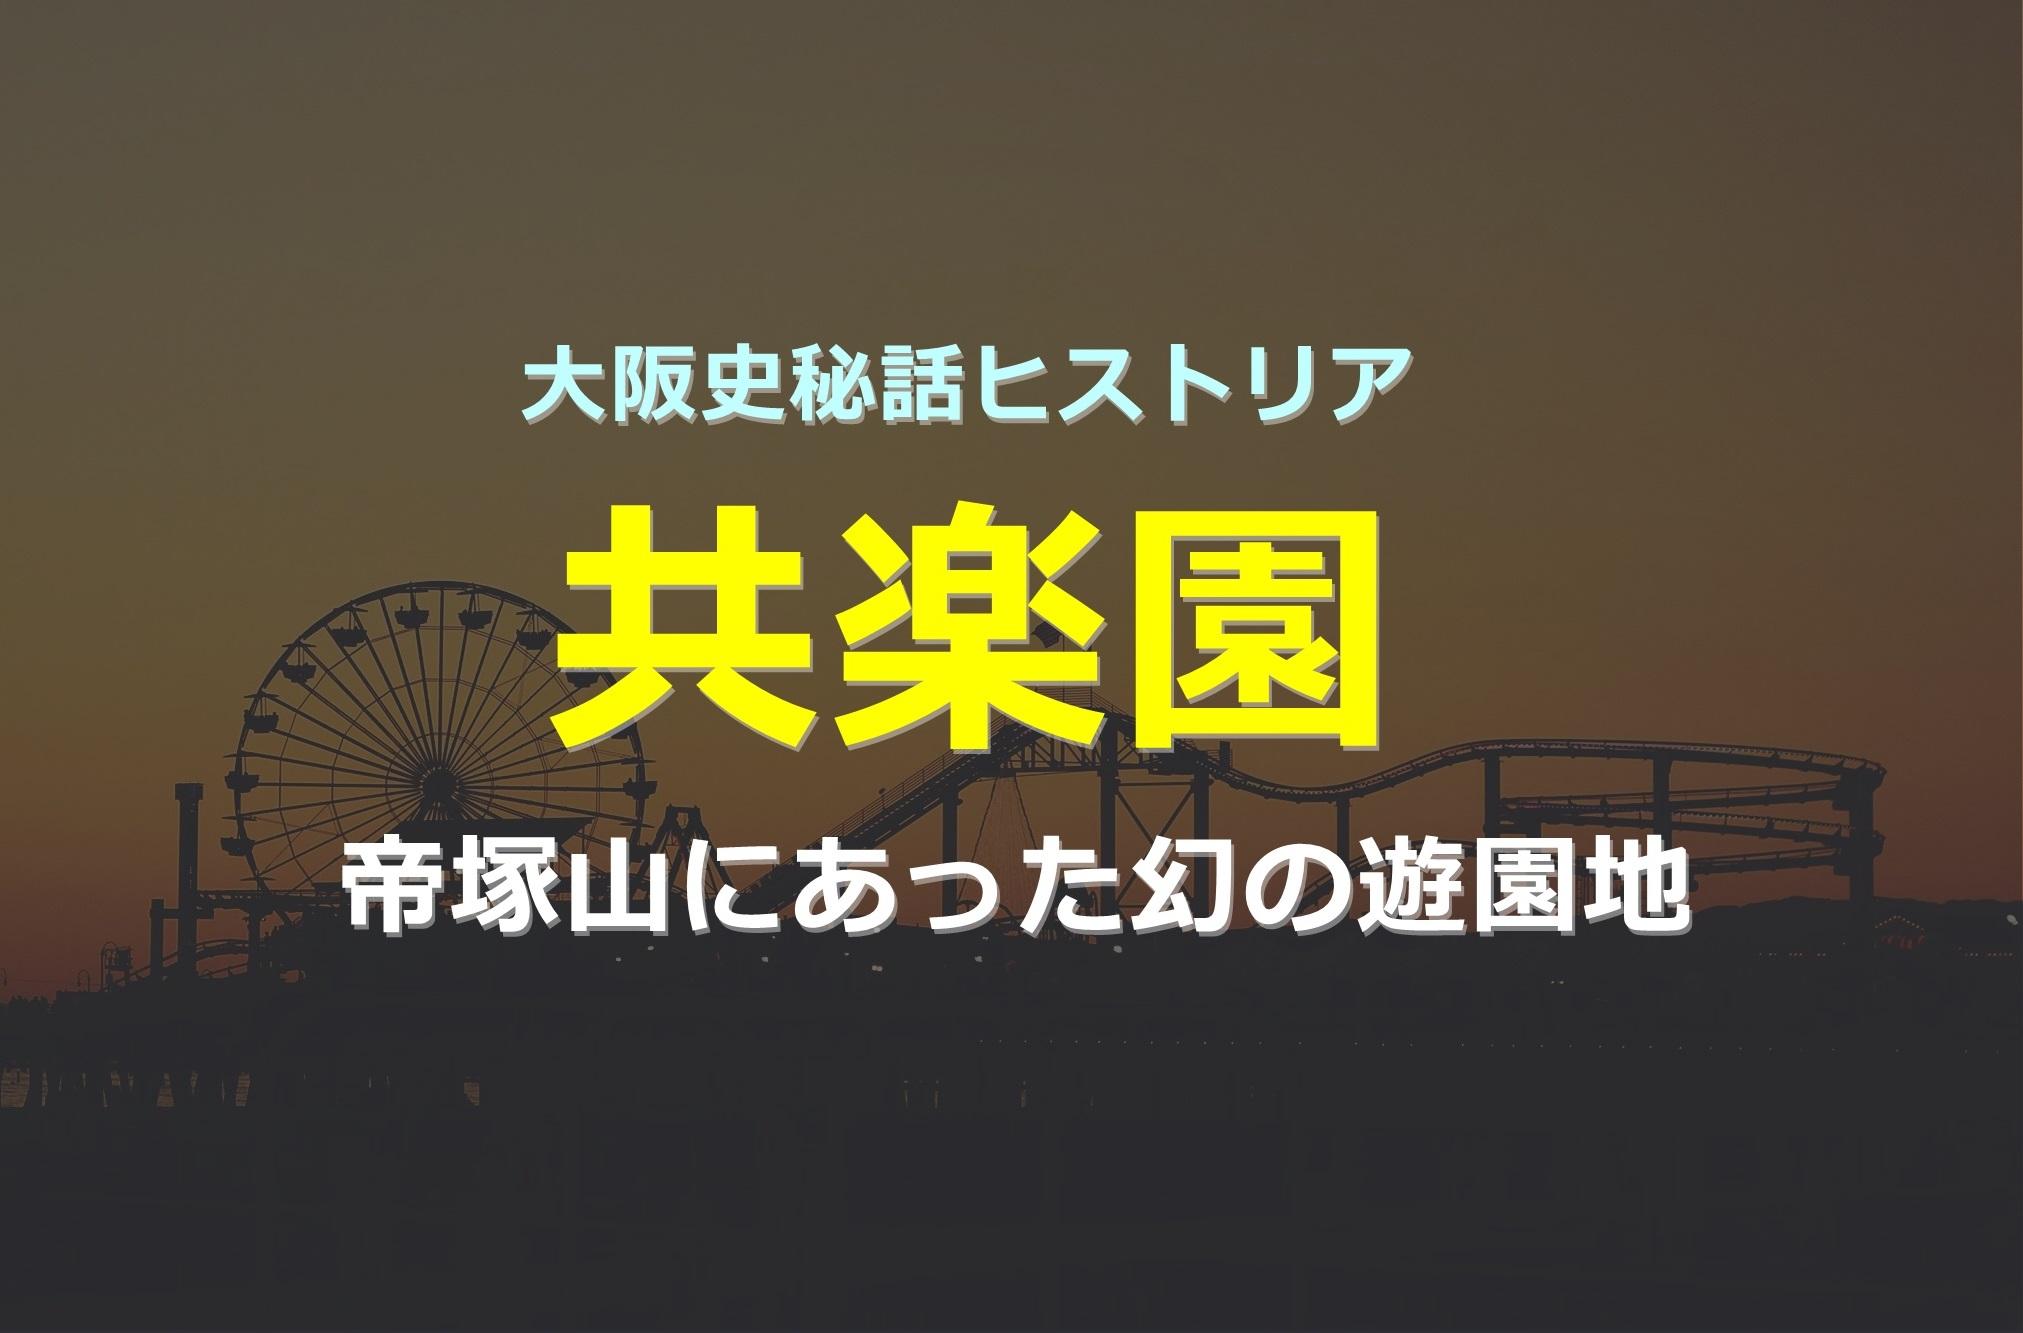 帝塚山共楽園万代池